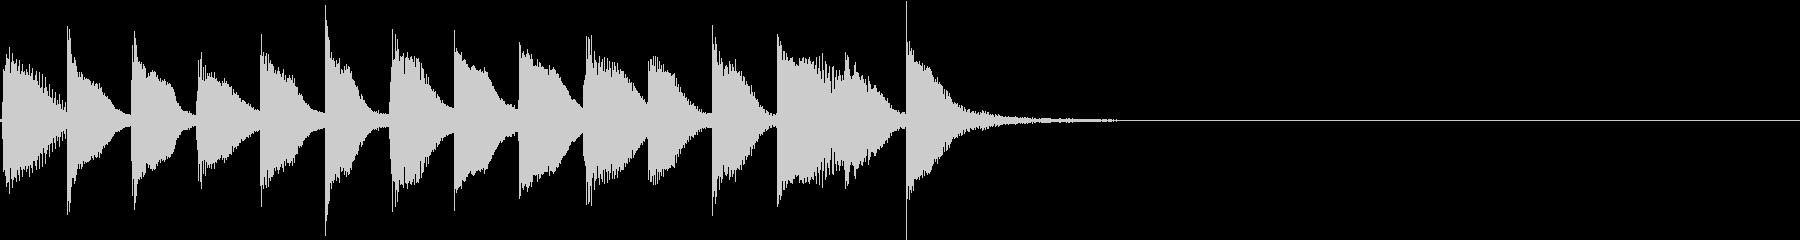 明るく かわいいピアノサウンドロゴ12の未再生の波形